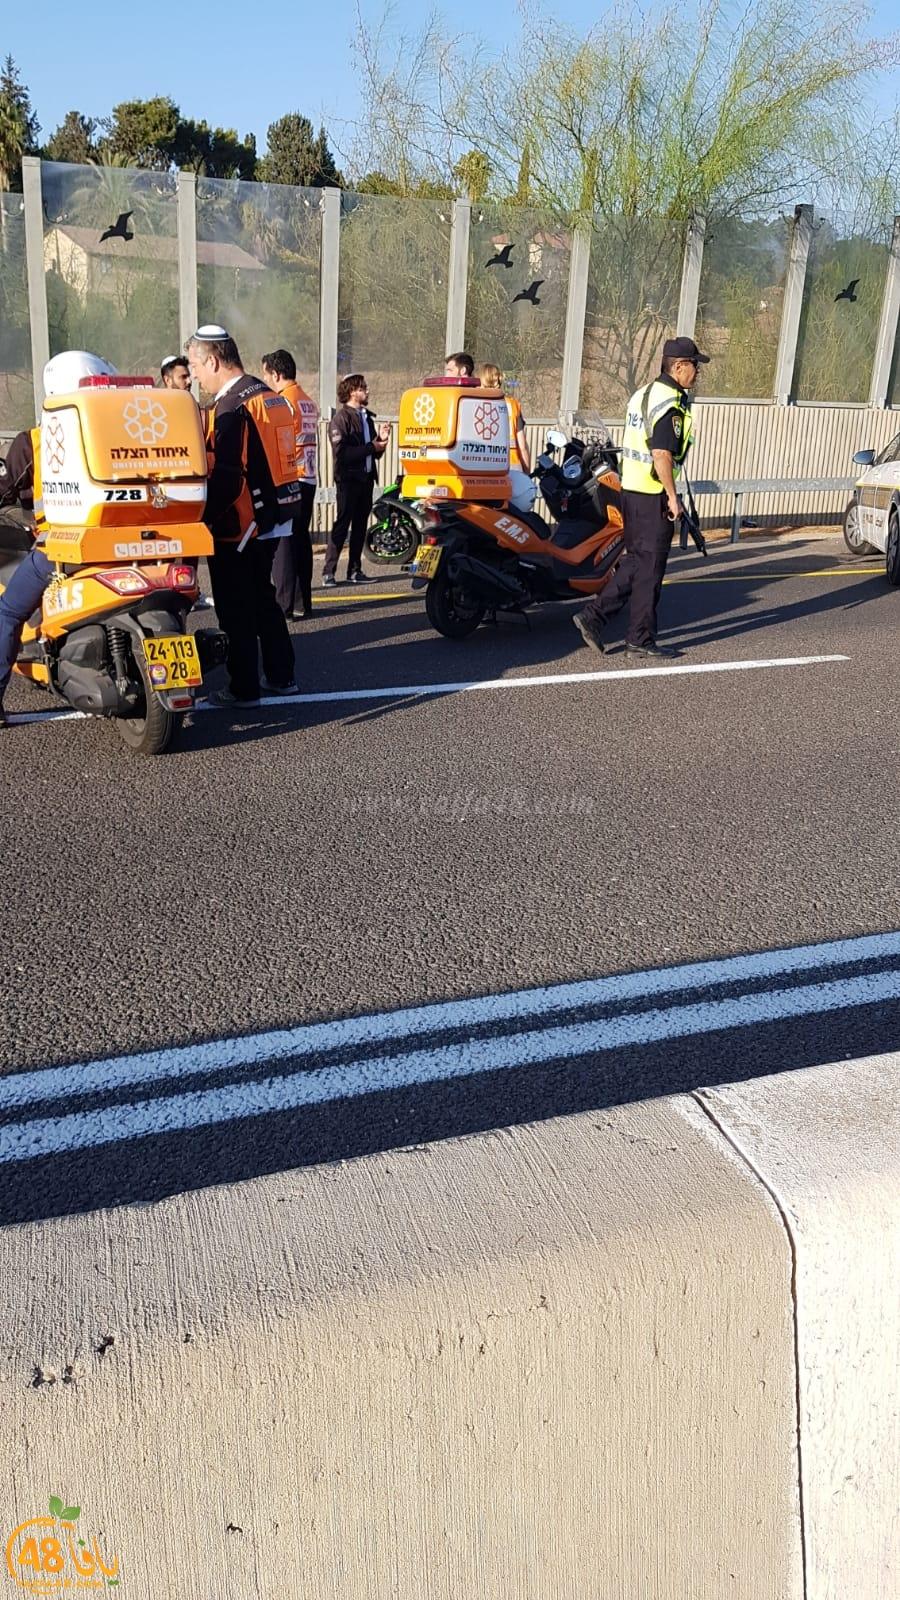 اصابة خطرة لطفل اثر تعرضه لحادث دهس قرب اللد